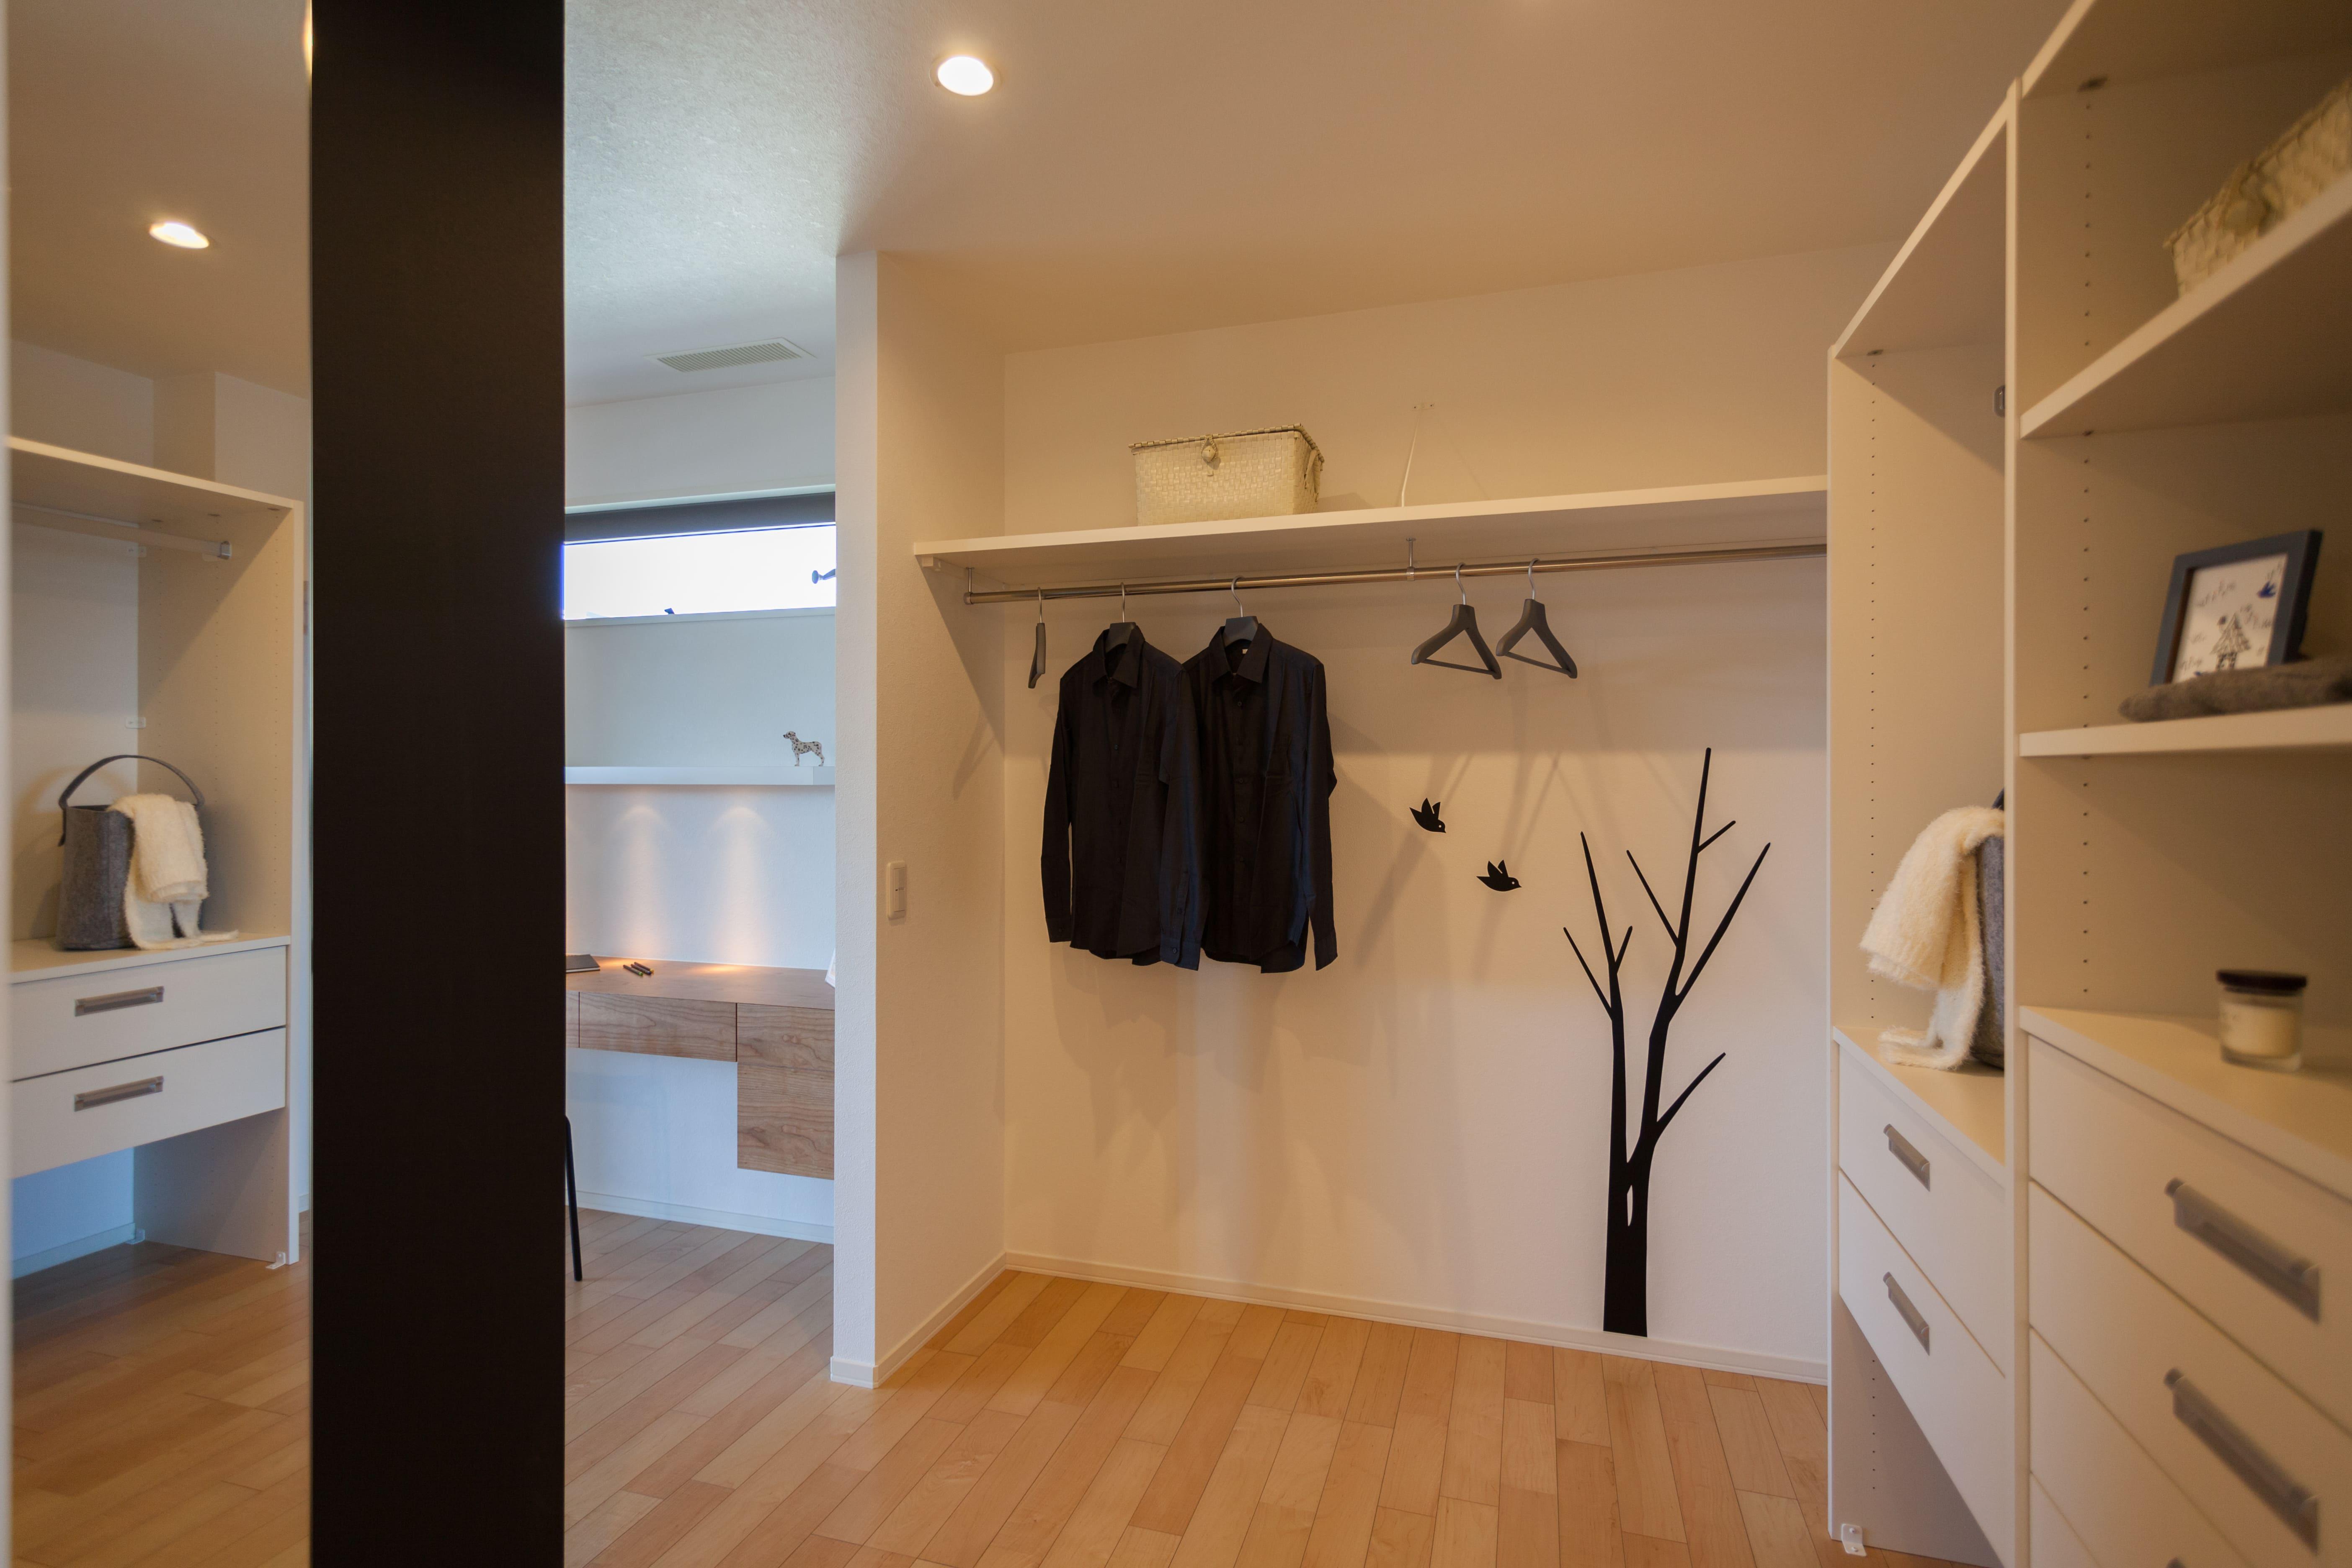 洗面室の隣のウォークインクローゼット。アイロンがけした衣服をすぐに収納できます。